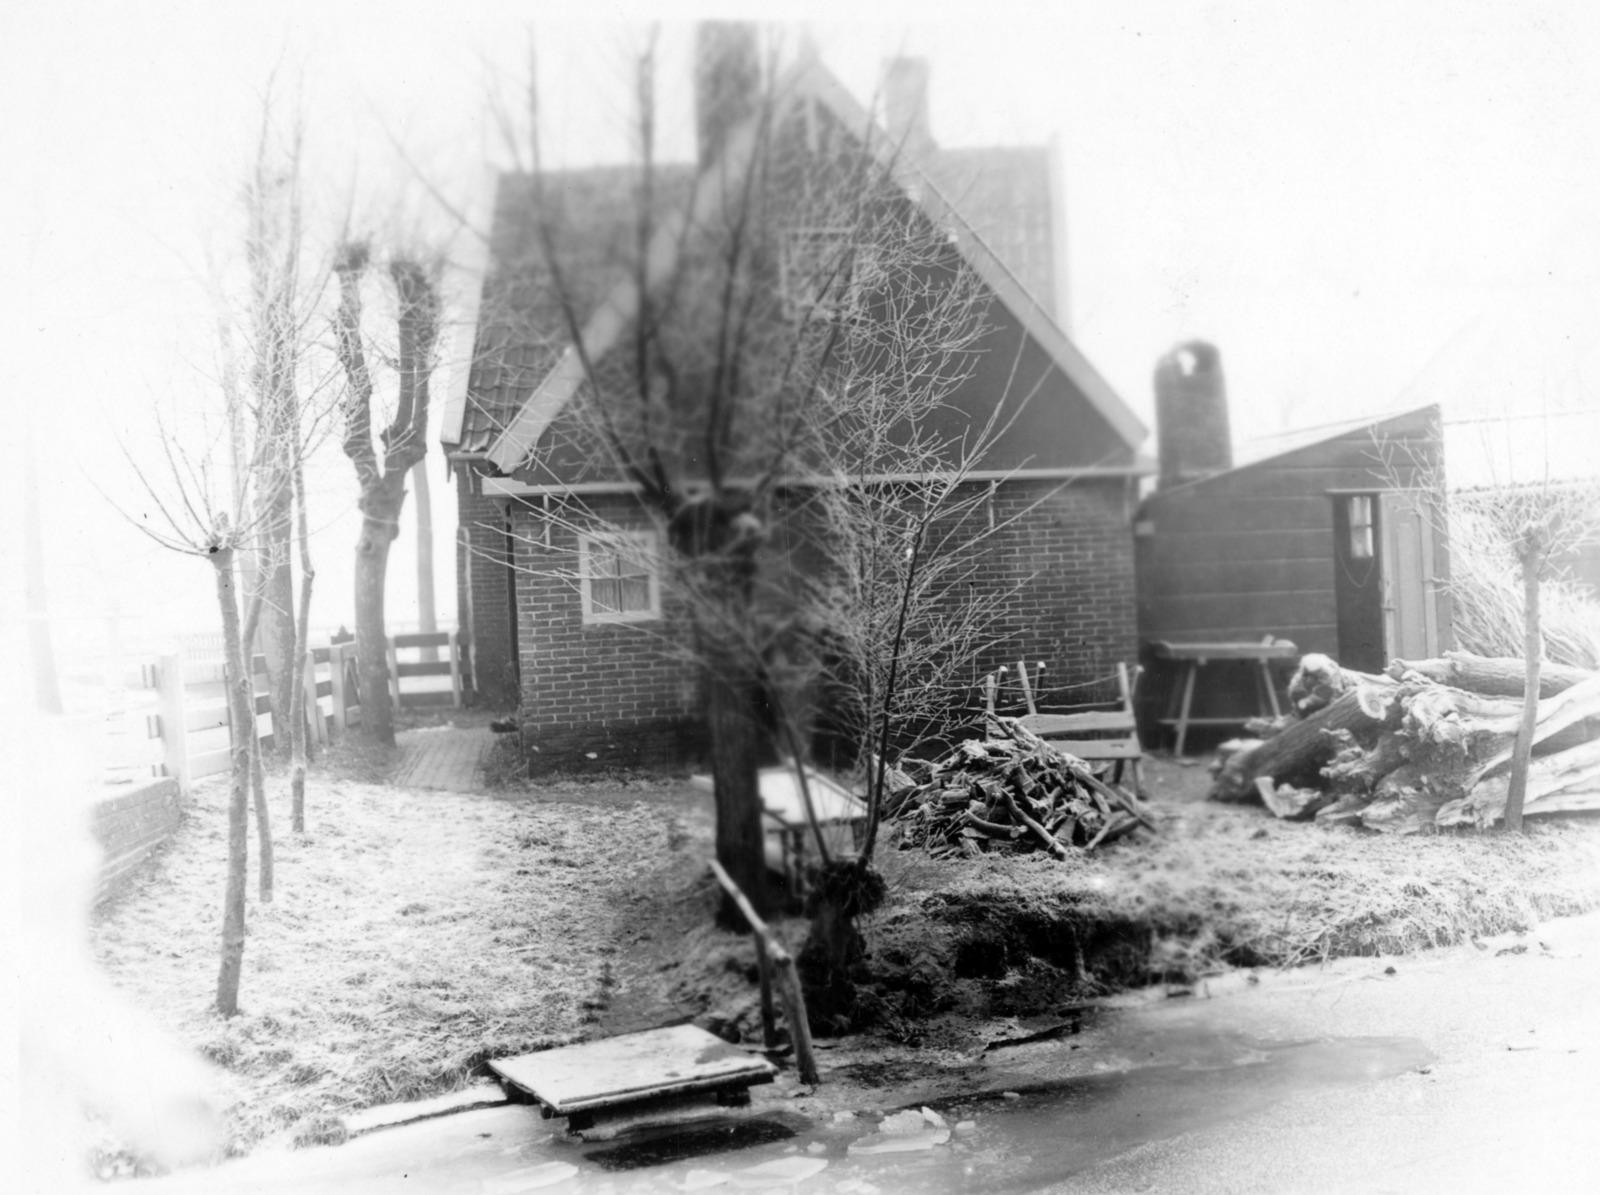 Oud huisje in de winter in Hauwert